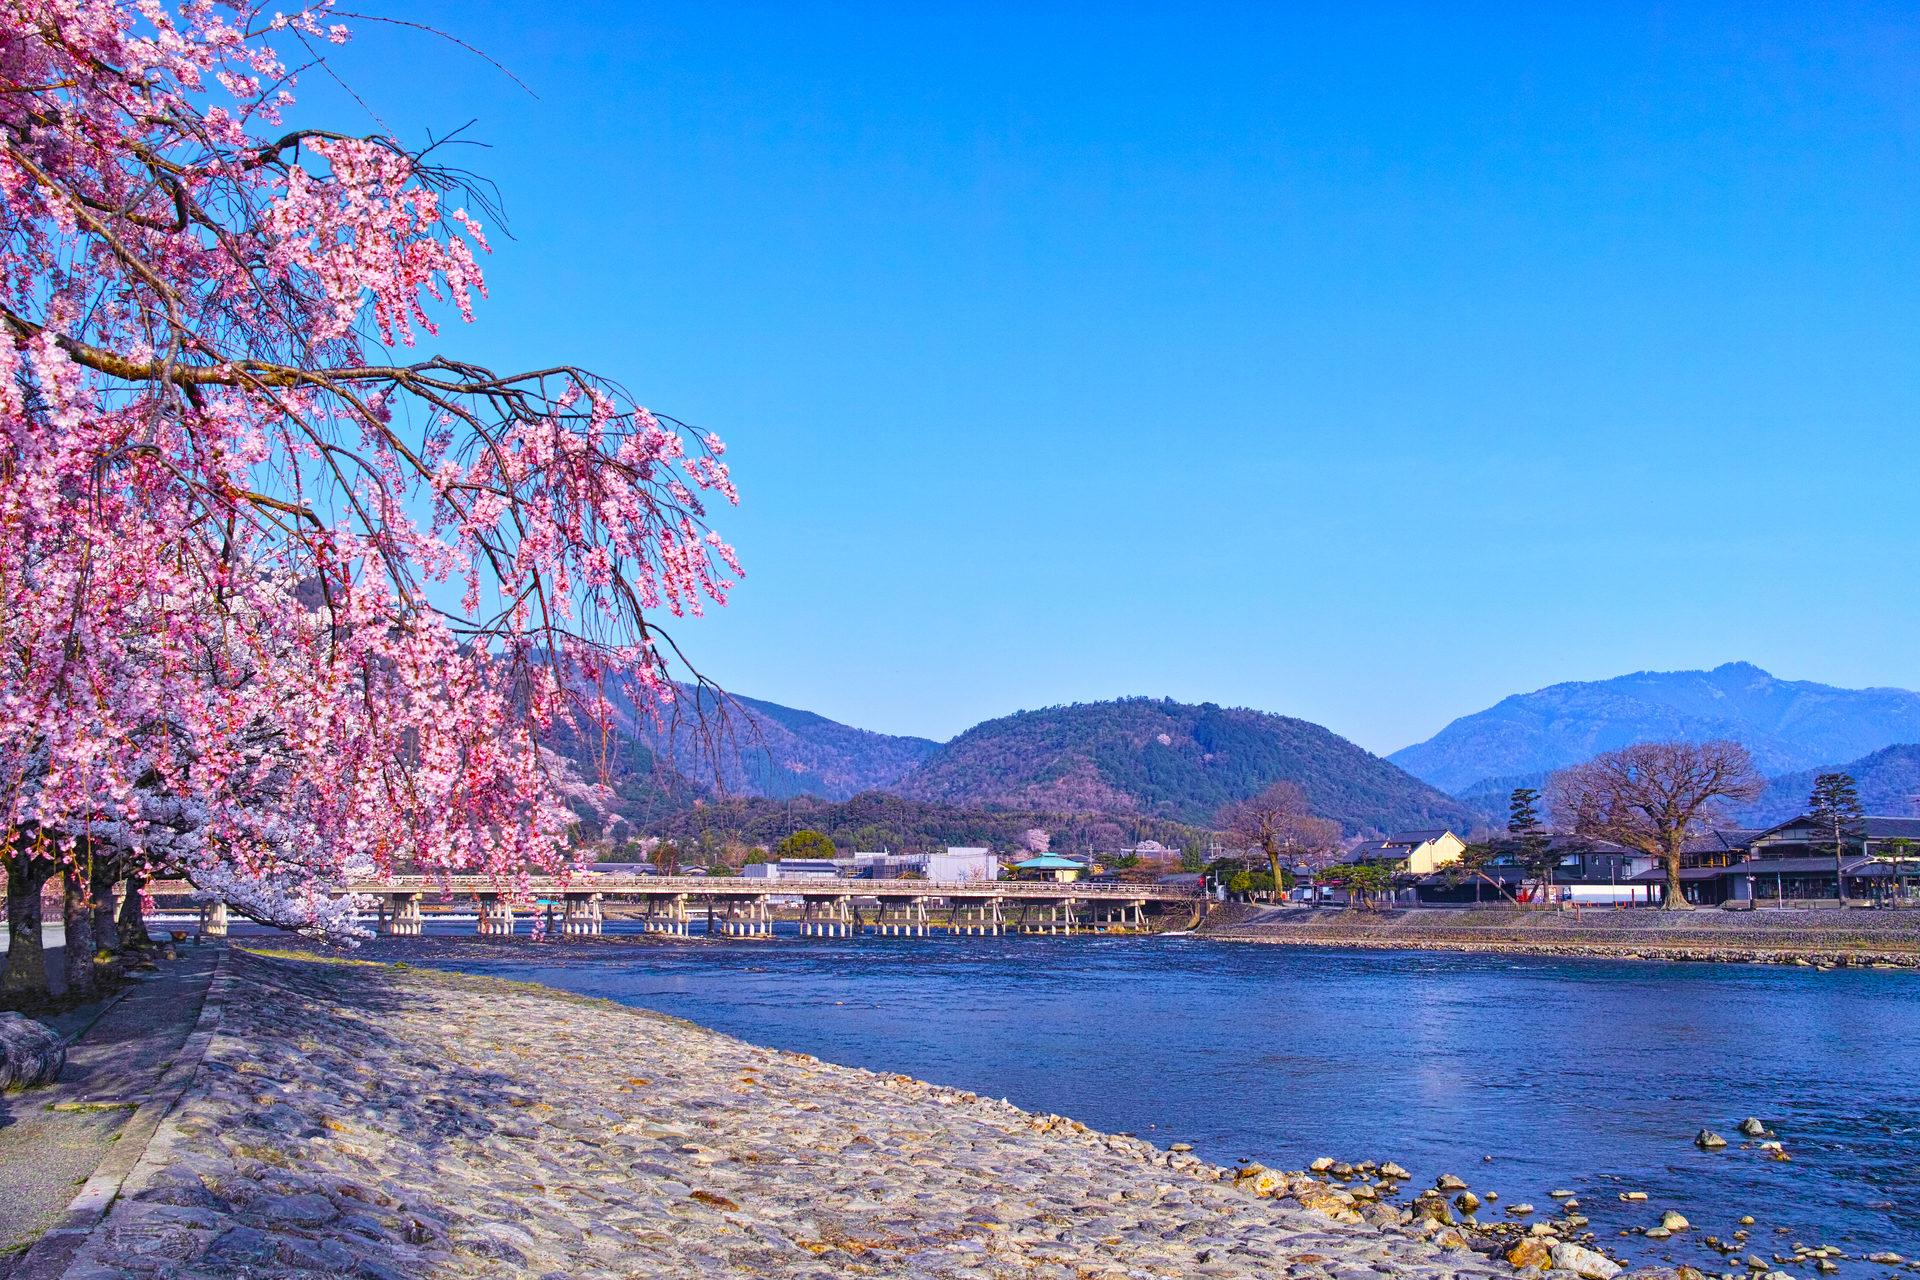 春の桜咲く渡月橋